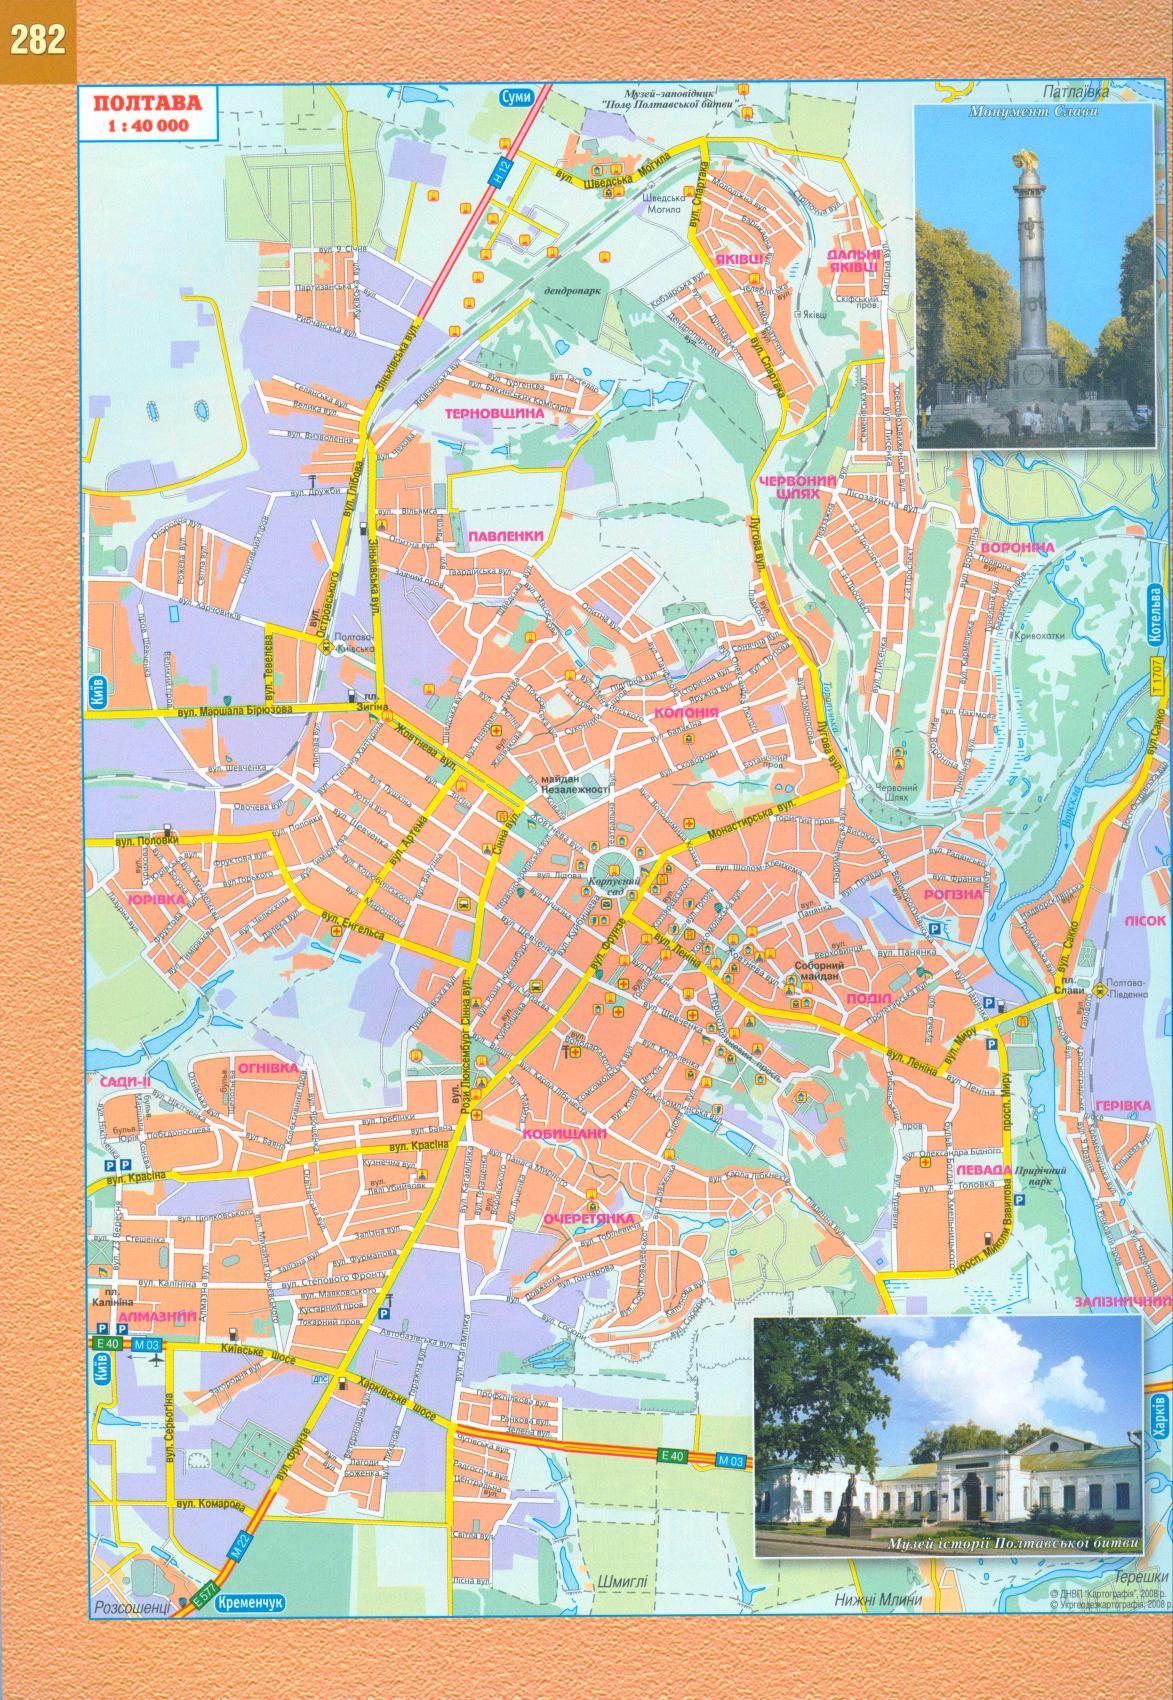 Подробная карта схема улиц города Полтава.